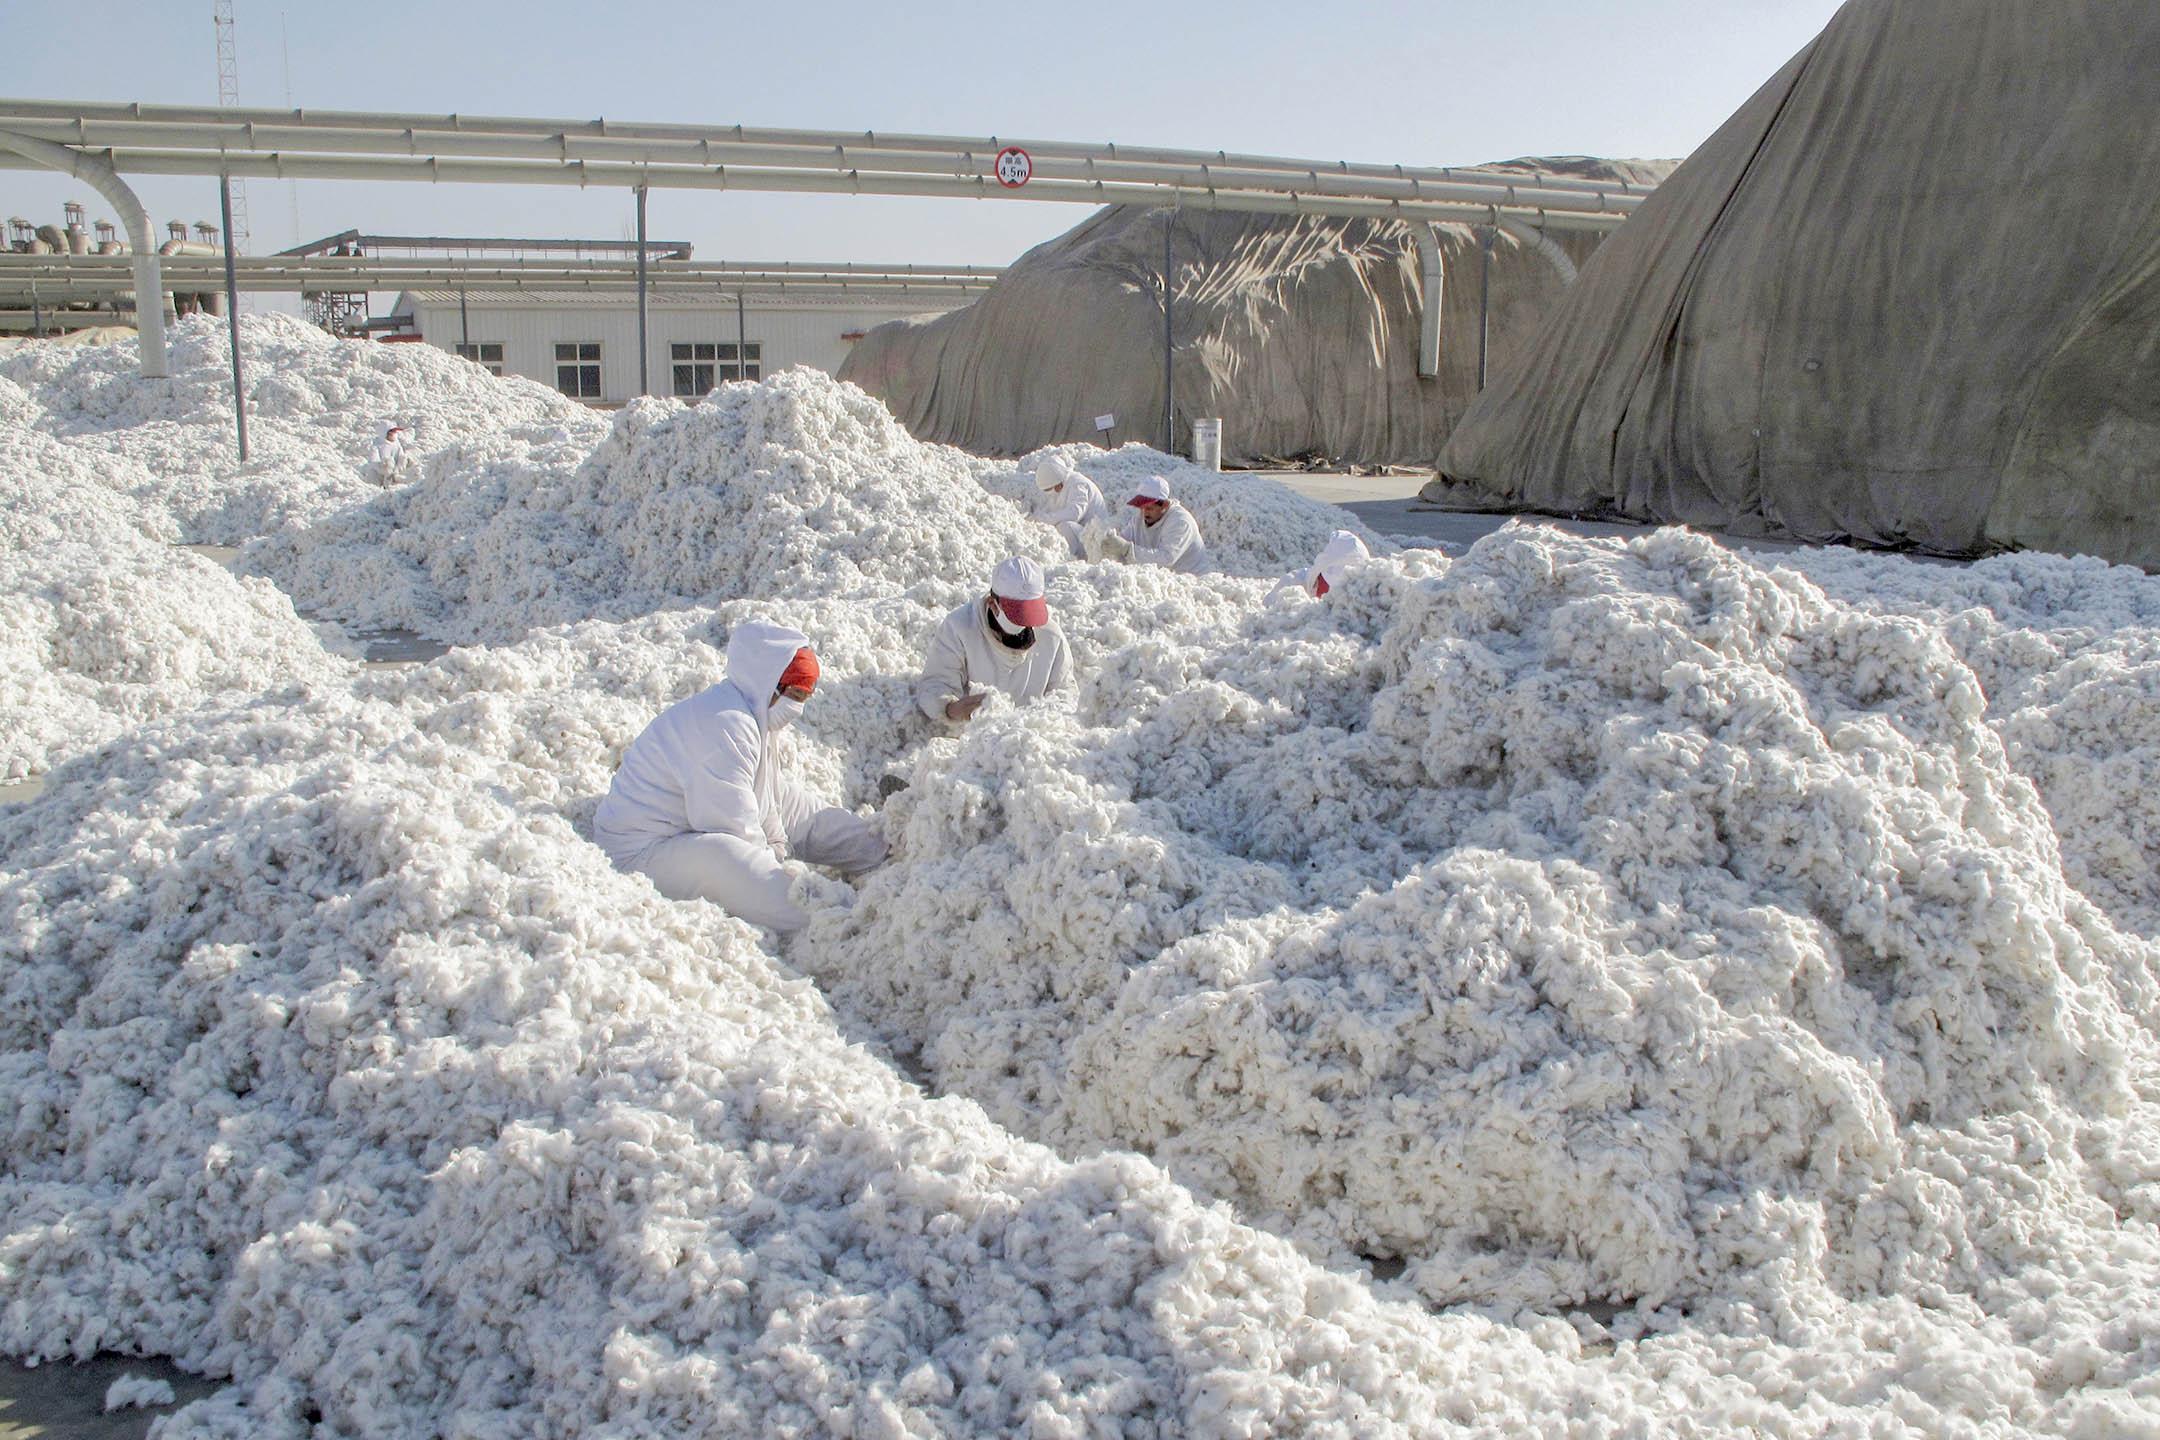 2015年12月1日新疆維吾爾自治區阿克蘇市,工人在一家加工廠裡工作。